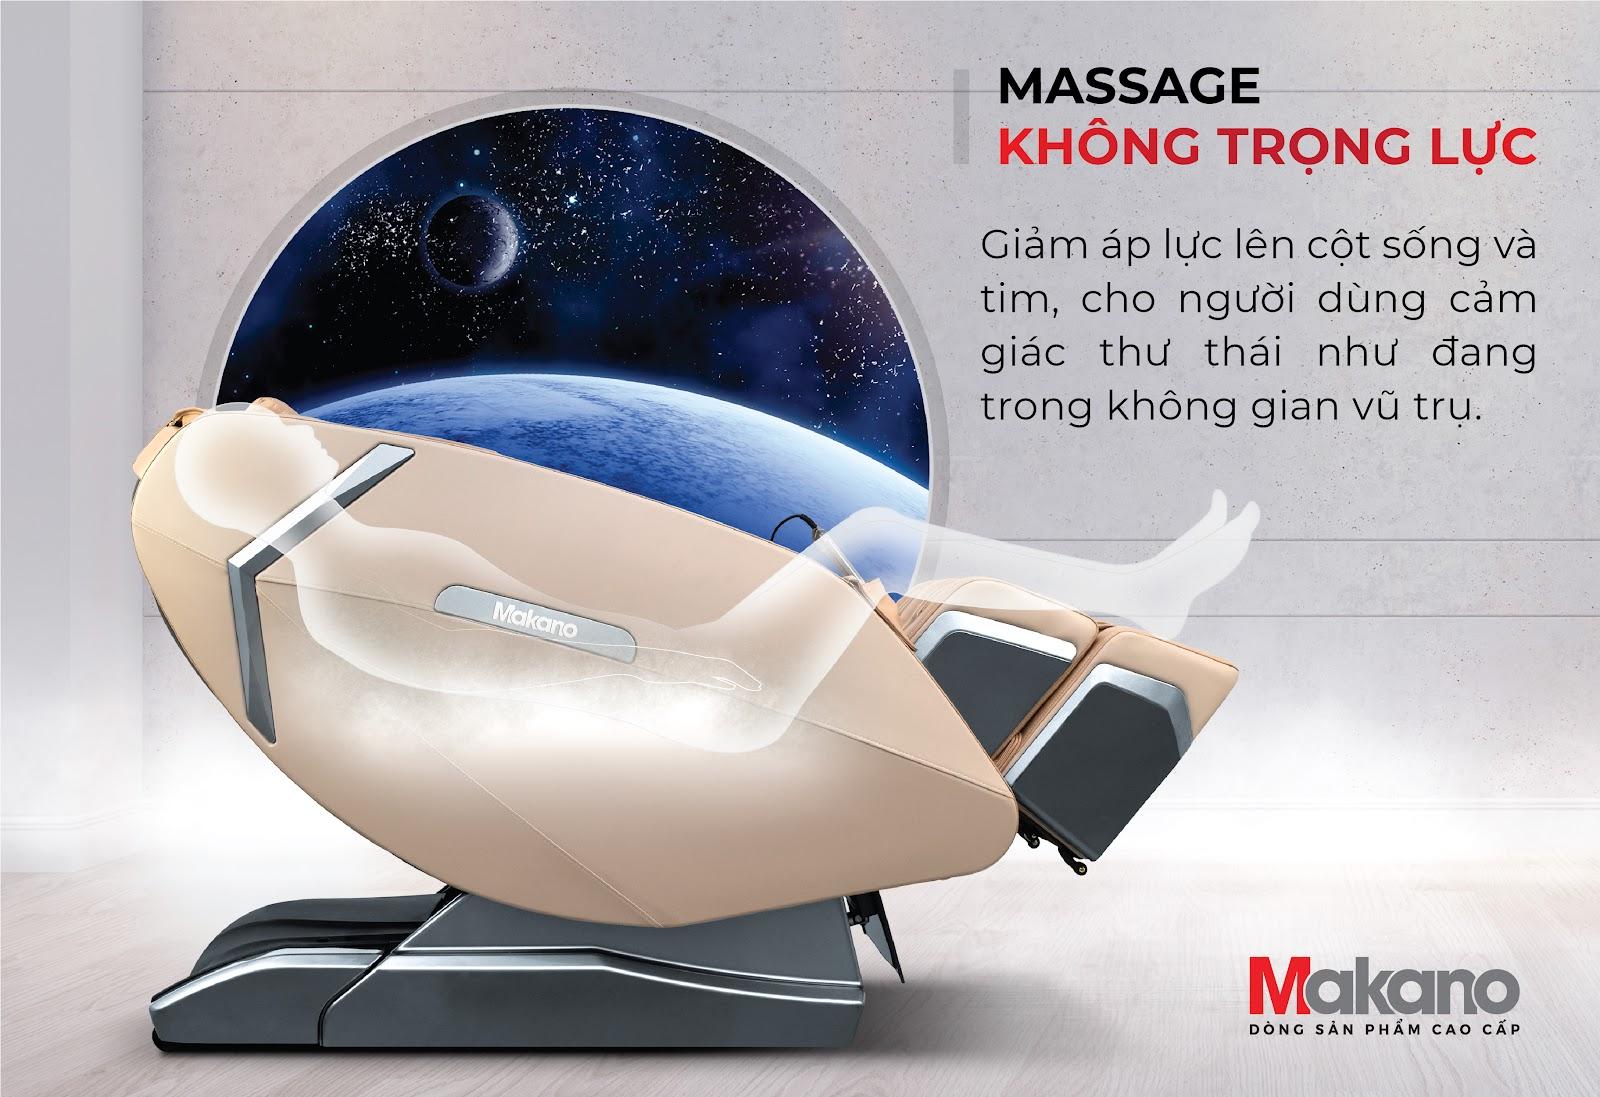 chế độ massage không trọng lực